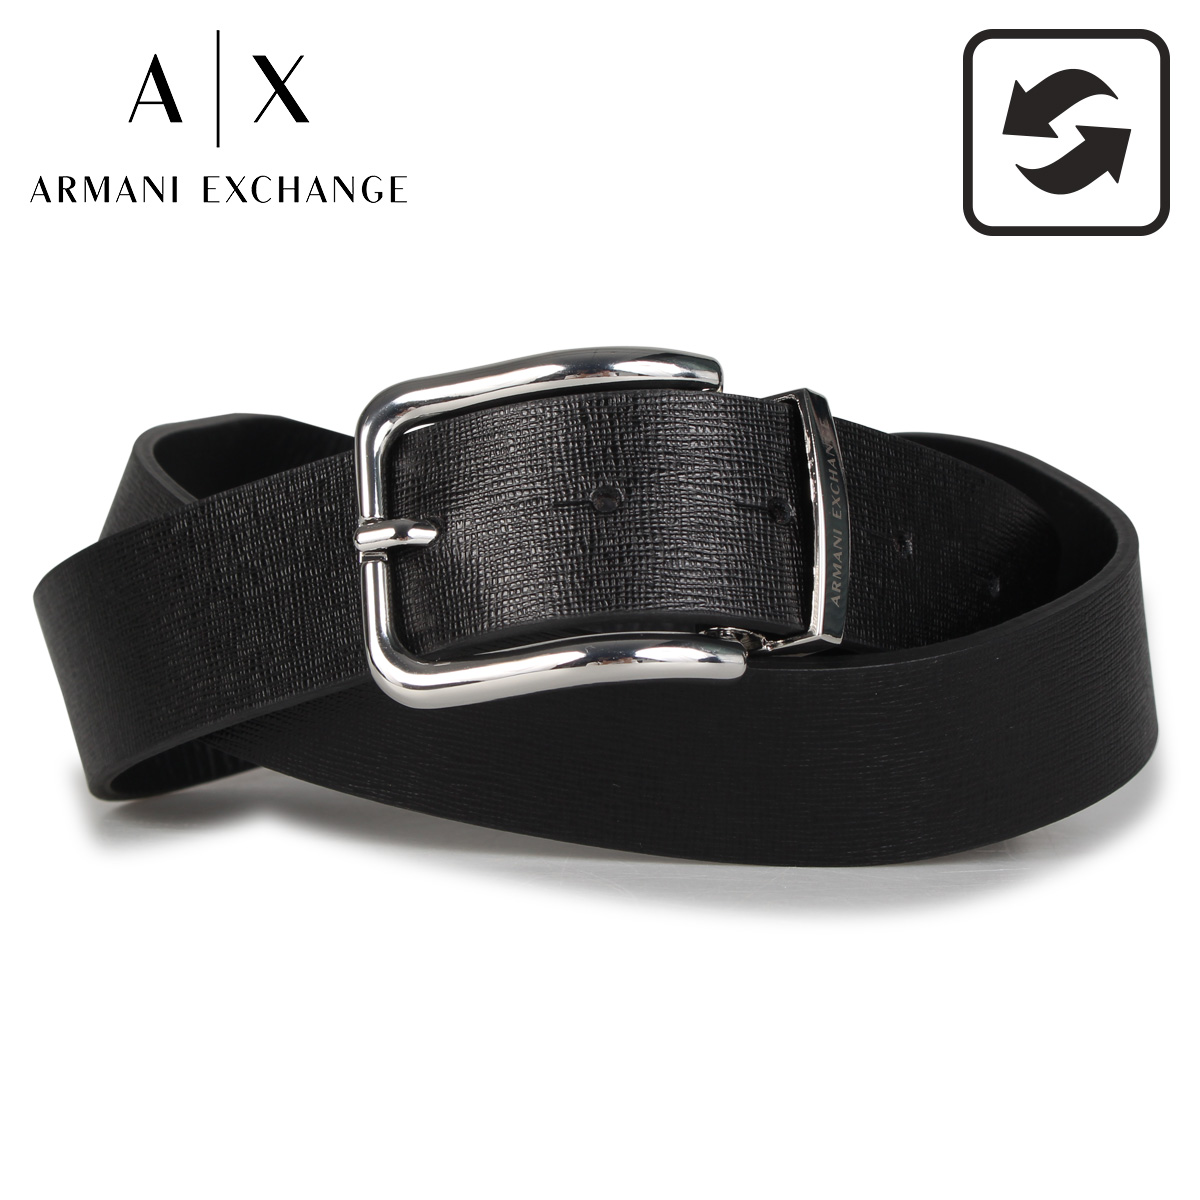 アルマーニエクスチェンジ ARMANI EXCHANGE ベルト レザーベルト メンズ リバーシブル LEATHER BELT ブラック 黒 951250CC797 [9/15 新入荷]